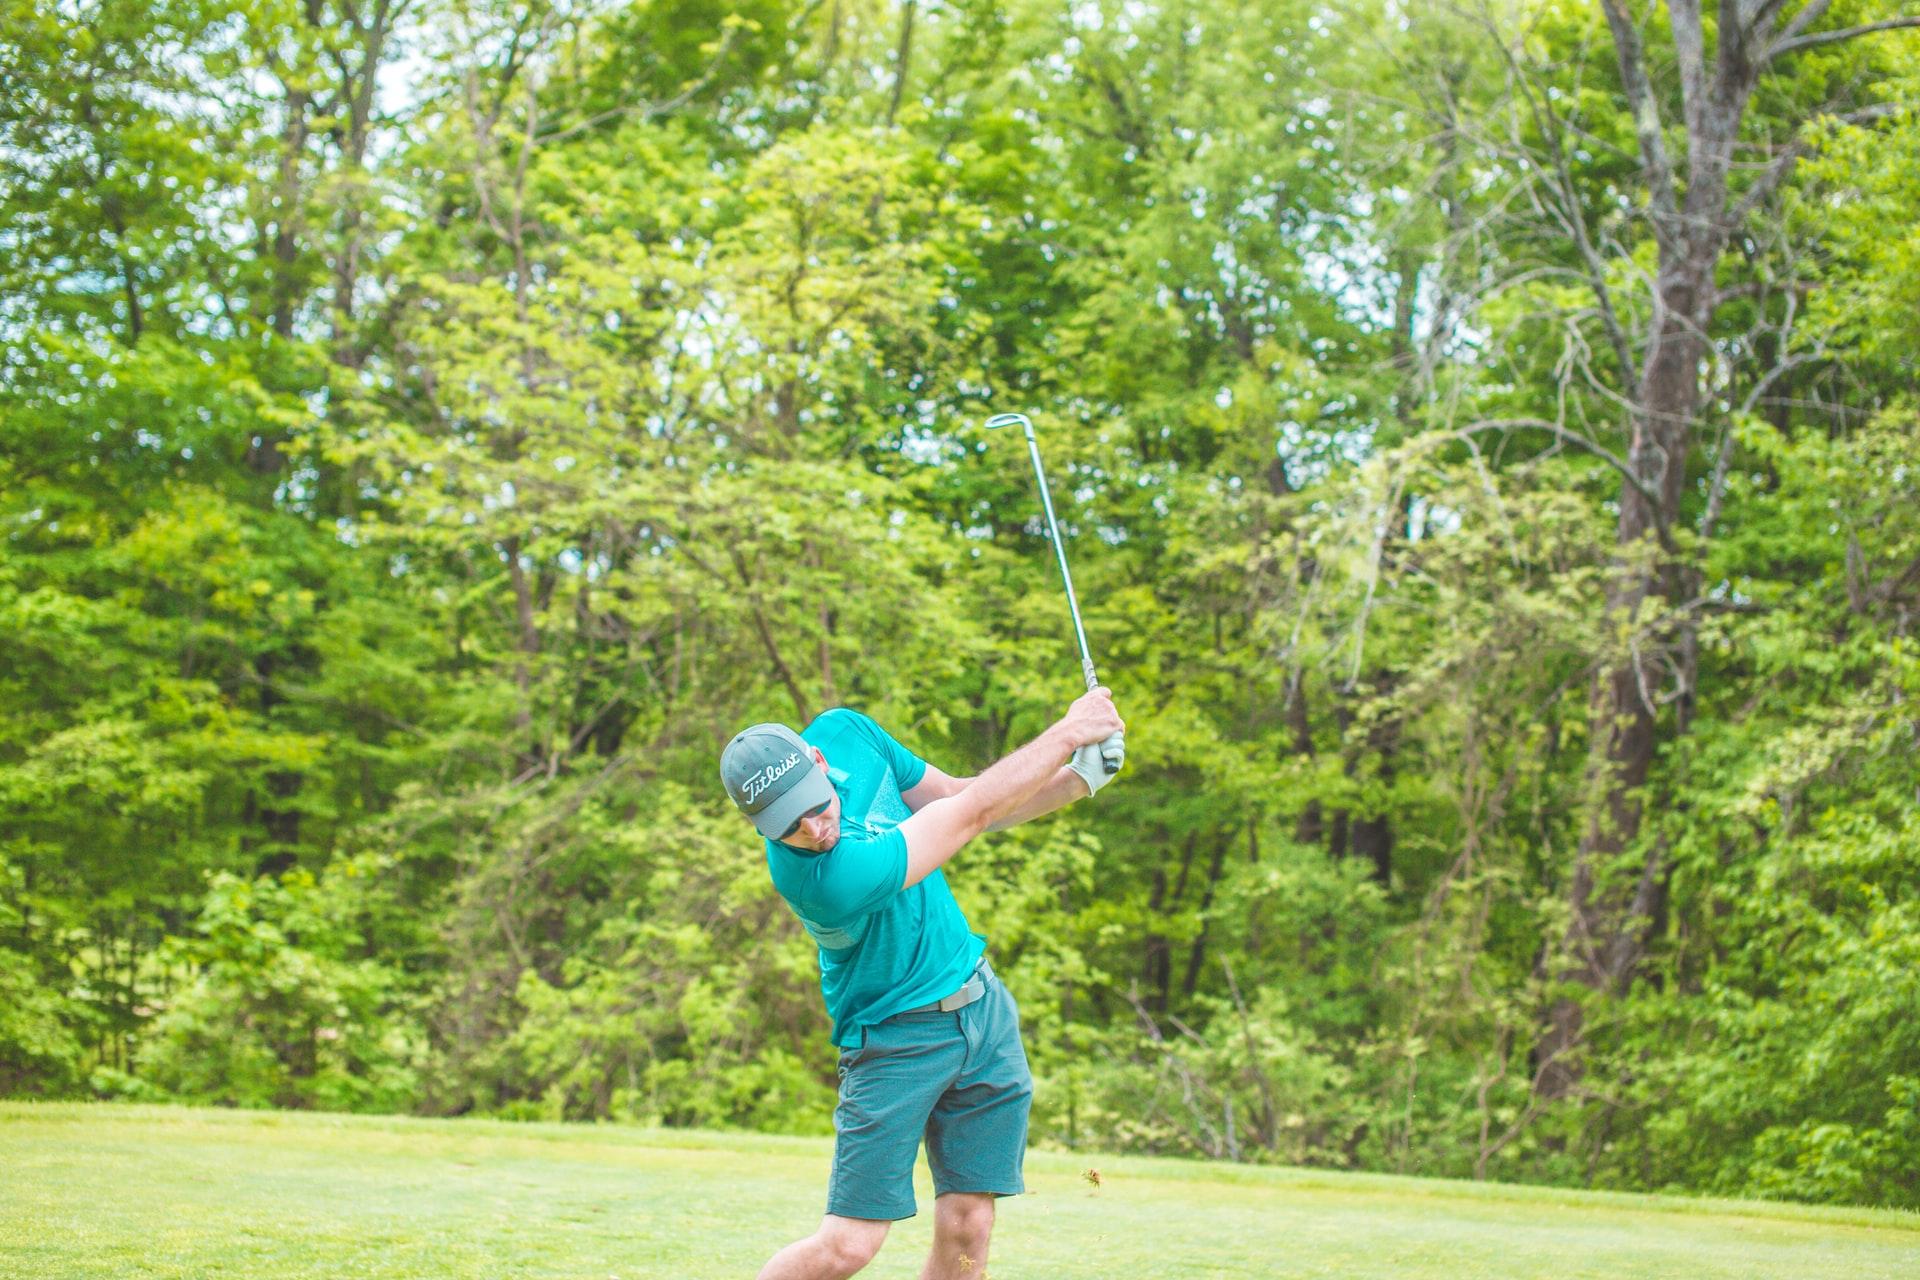 golfer at Golf Range & Pro Shop